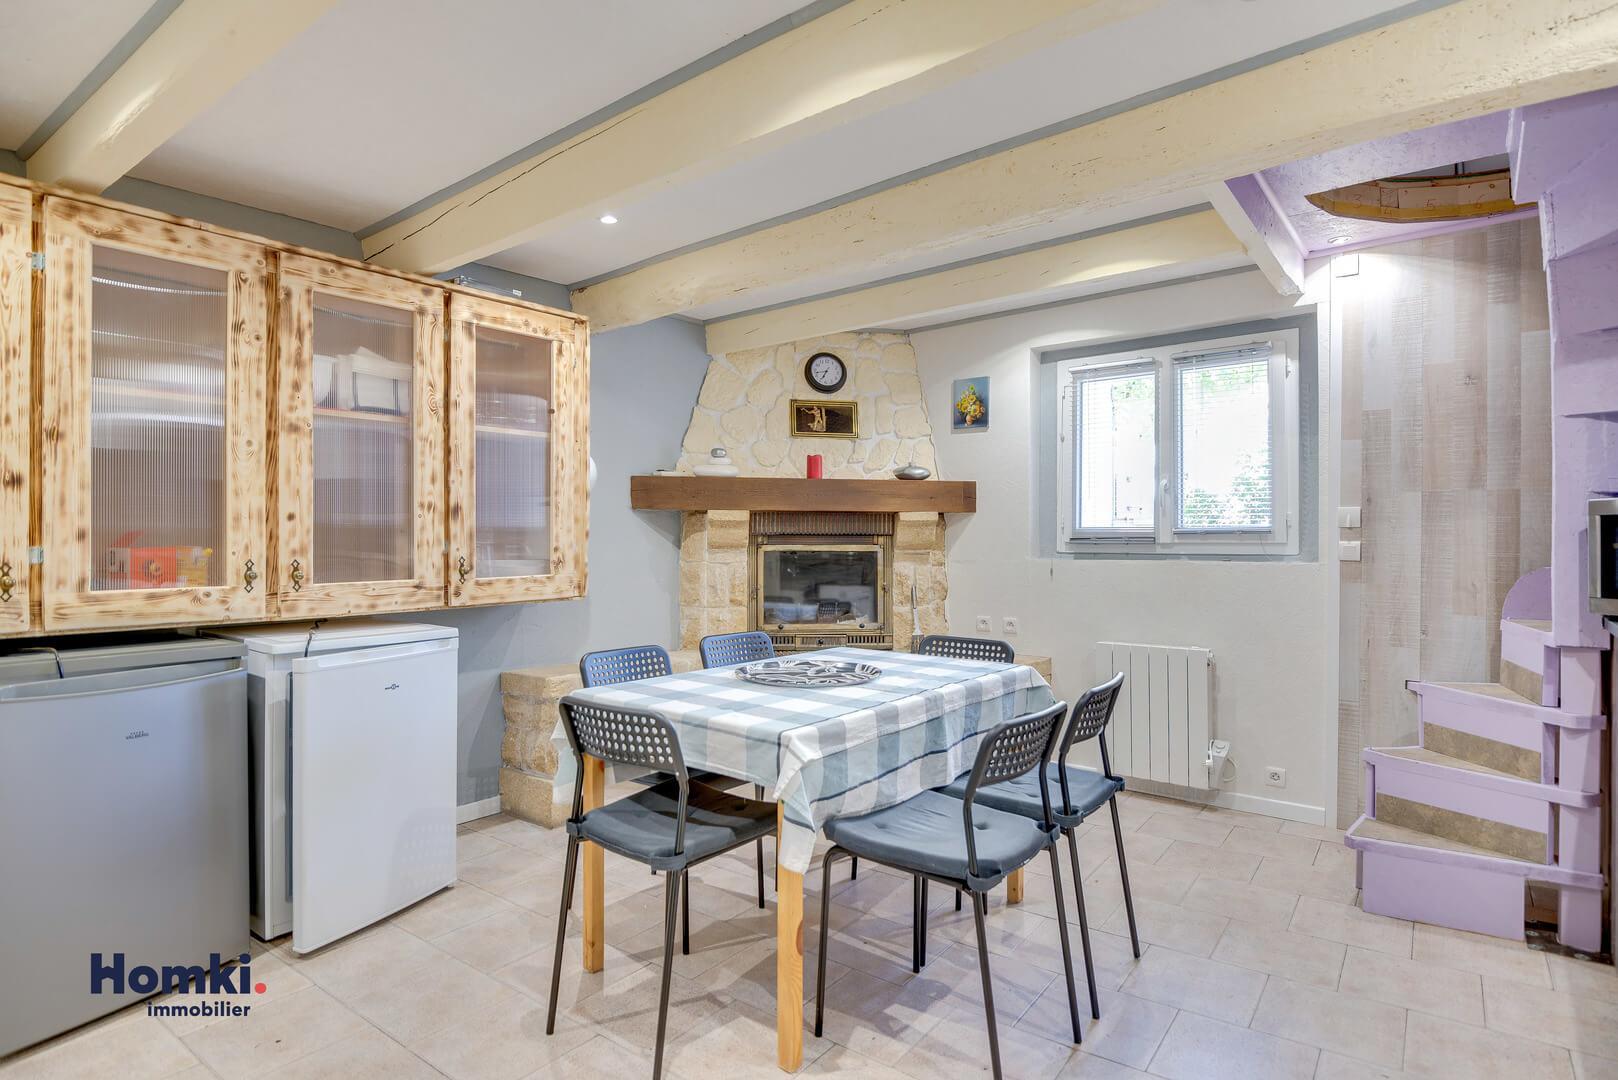 Vente Maison 110 m² T6 04210_2